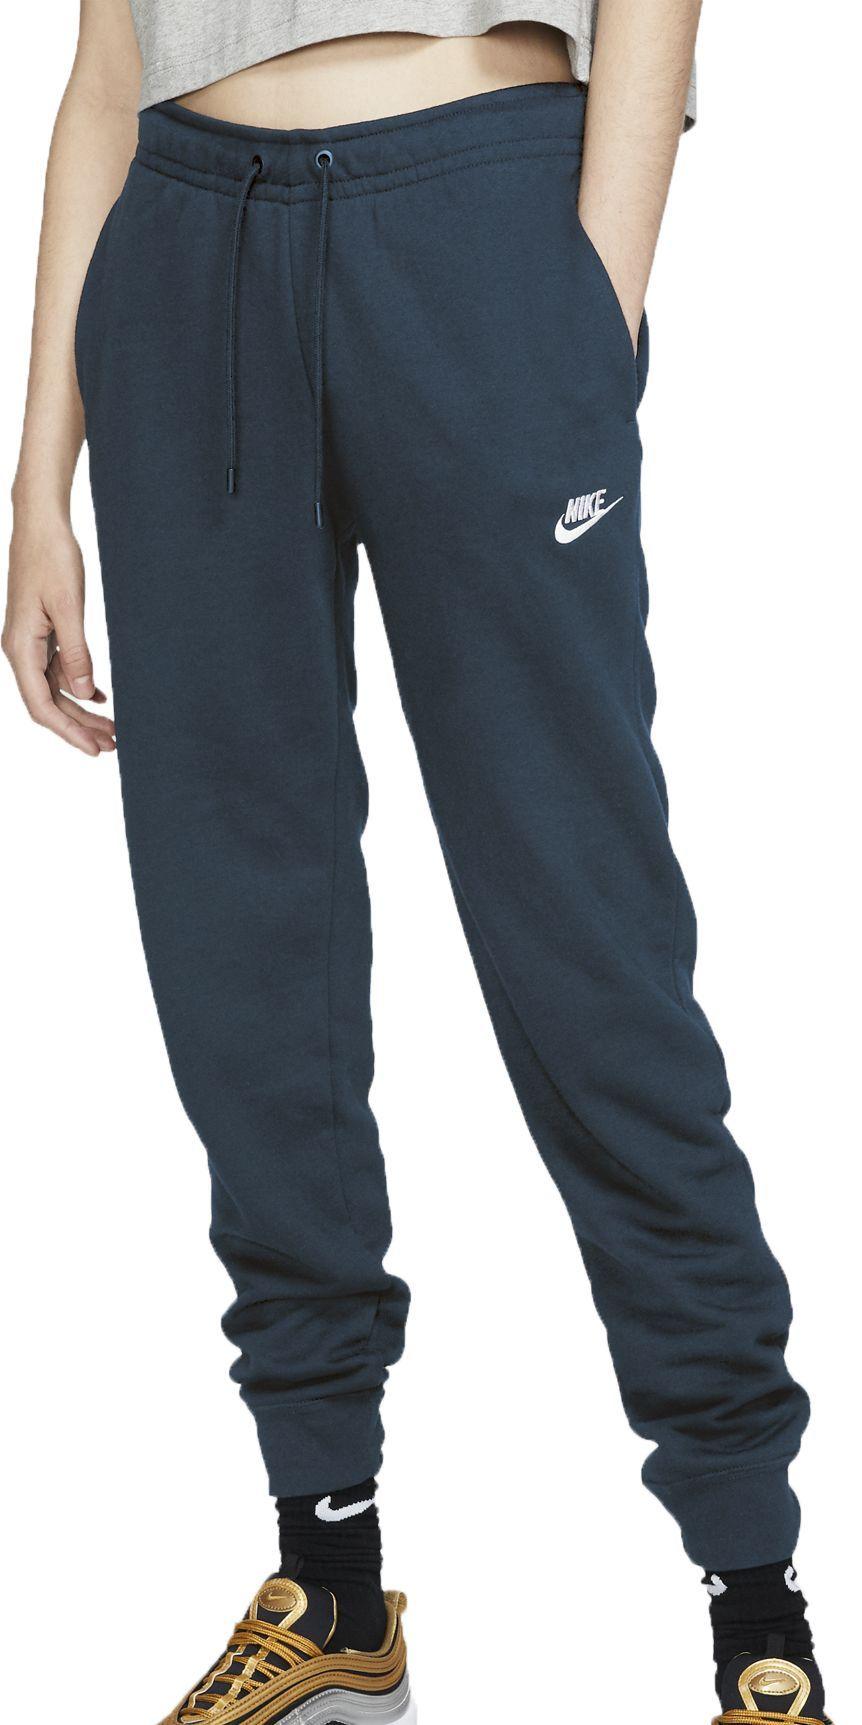 Nike Women S Sportswear Essential Fleece Jogger Pants Xl Blue In 2020 Sportswear Women Fleece Joggers Nike Women